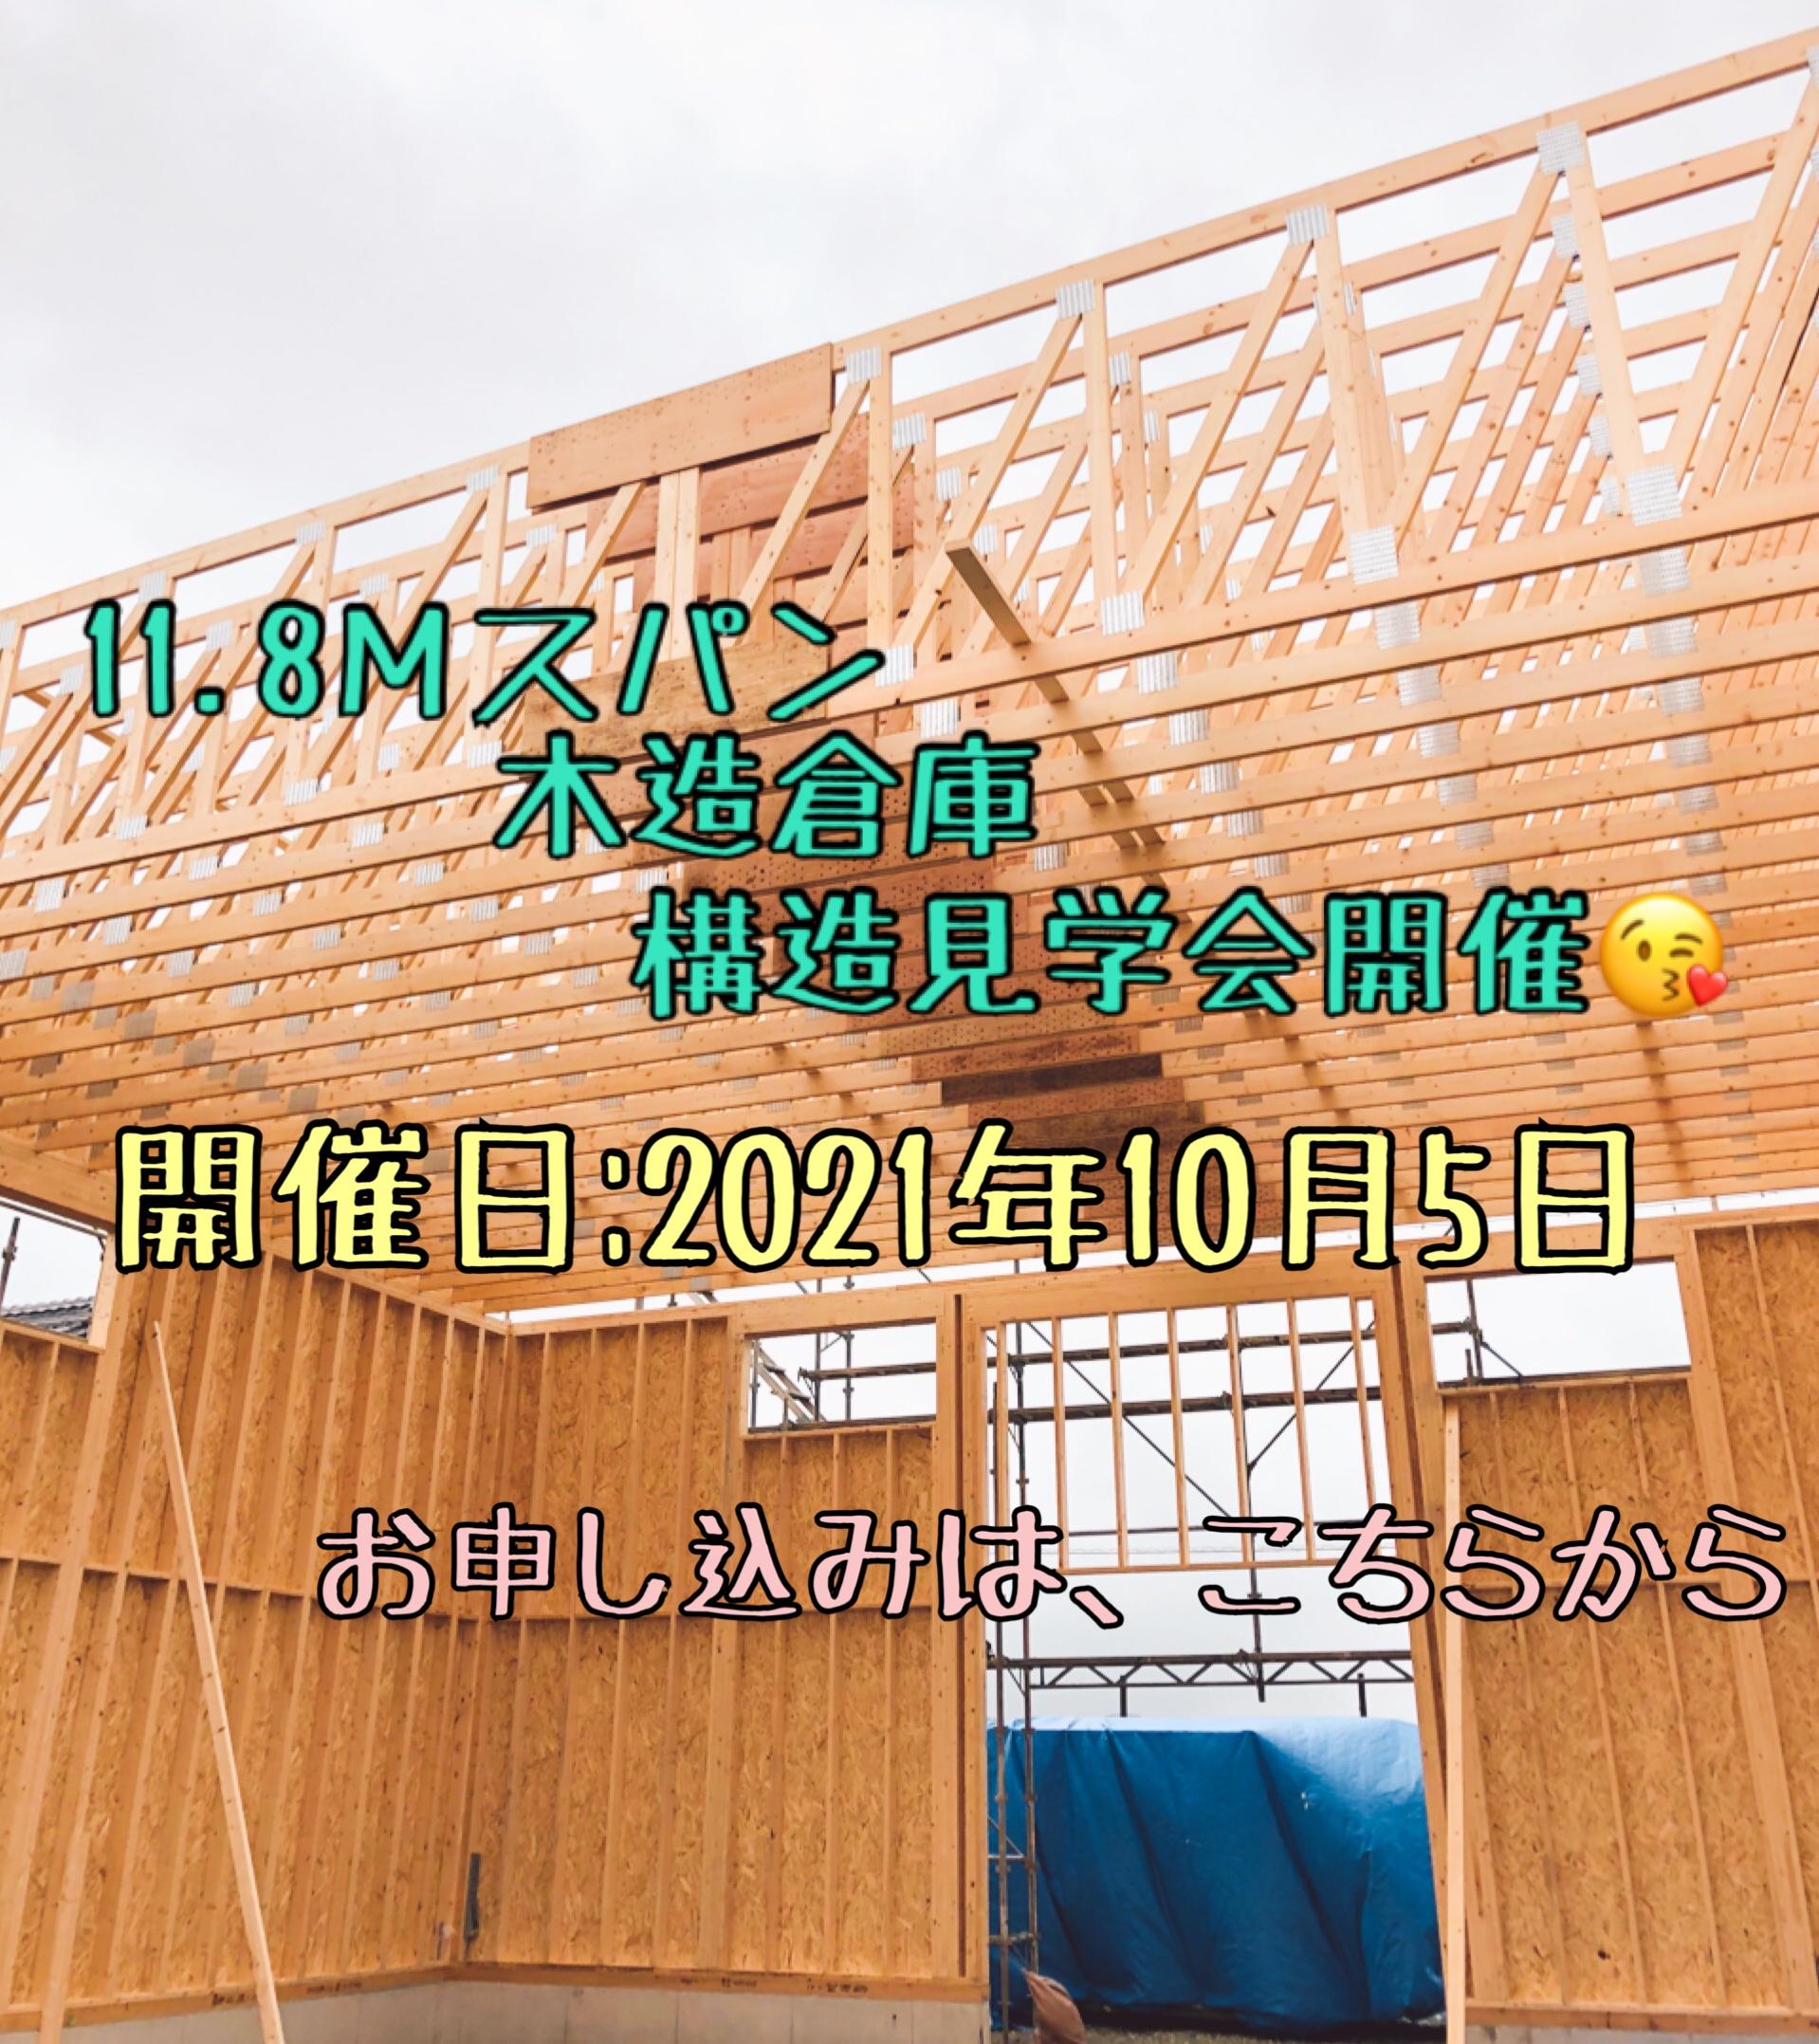 〈11.8mスパン農業用木造倉庫〉構造見学会のご案内